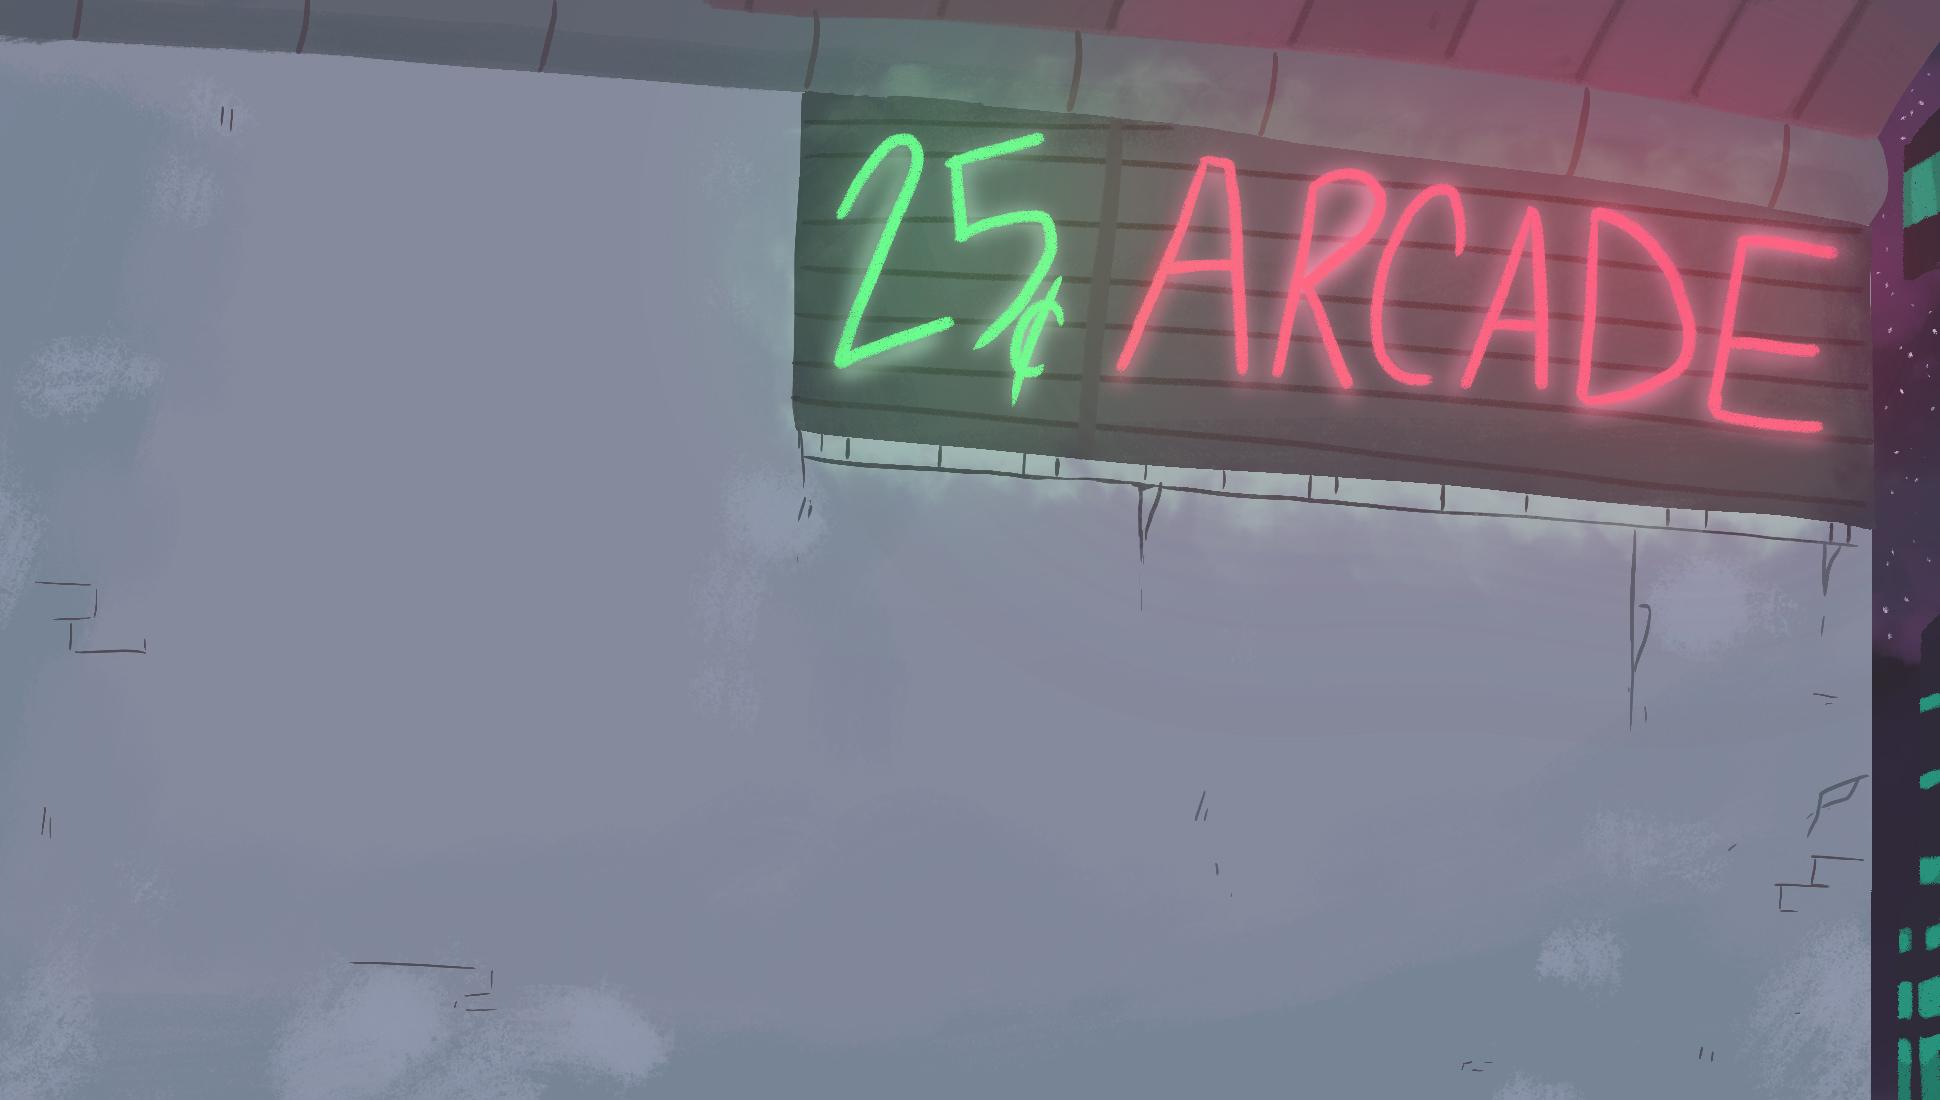 arcadefixup.jpg